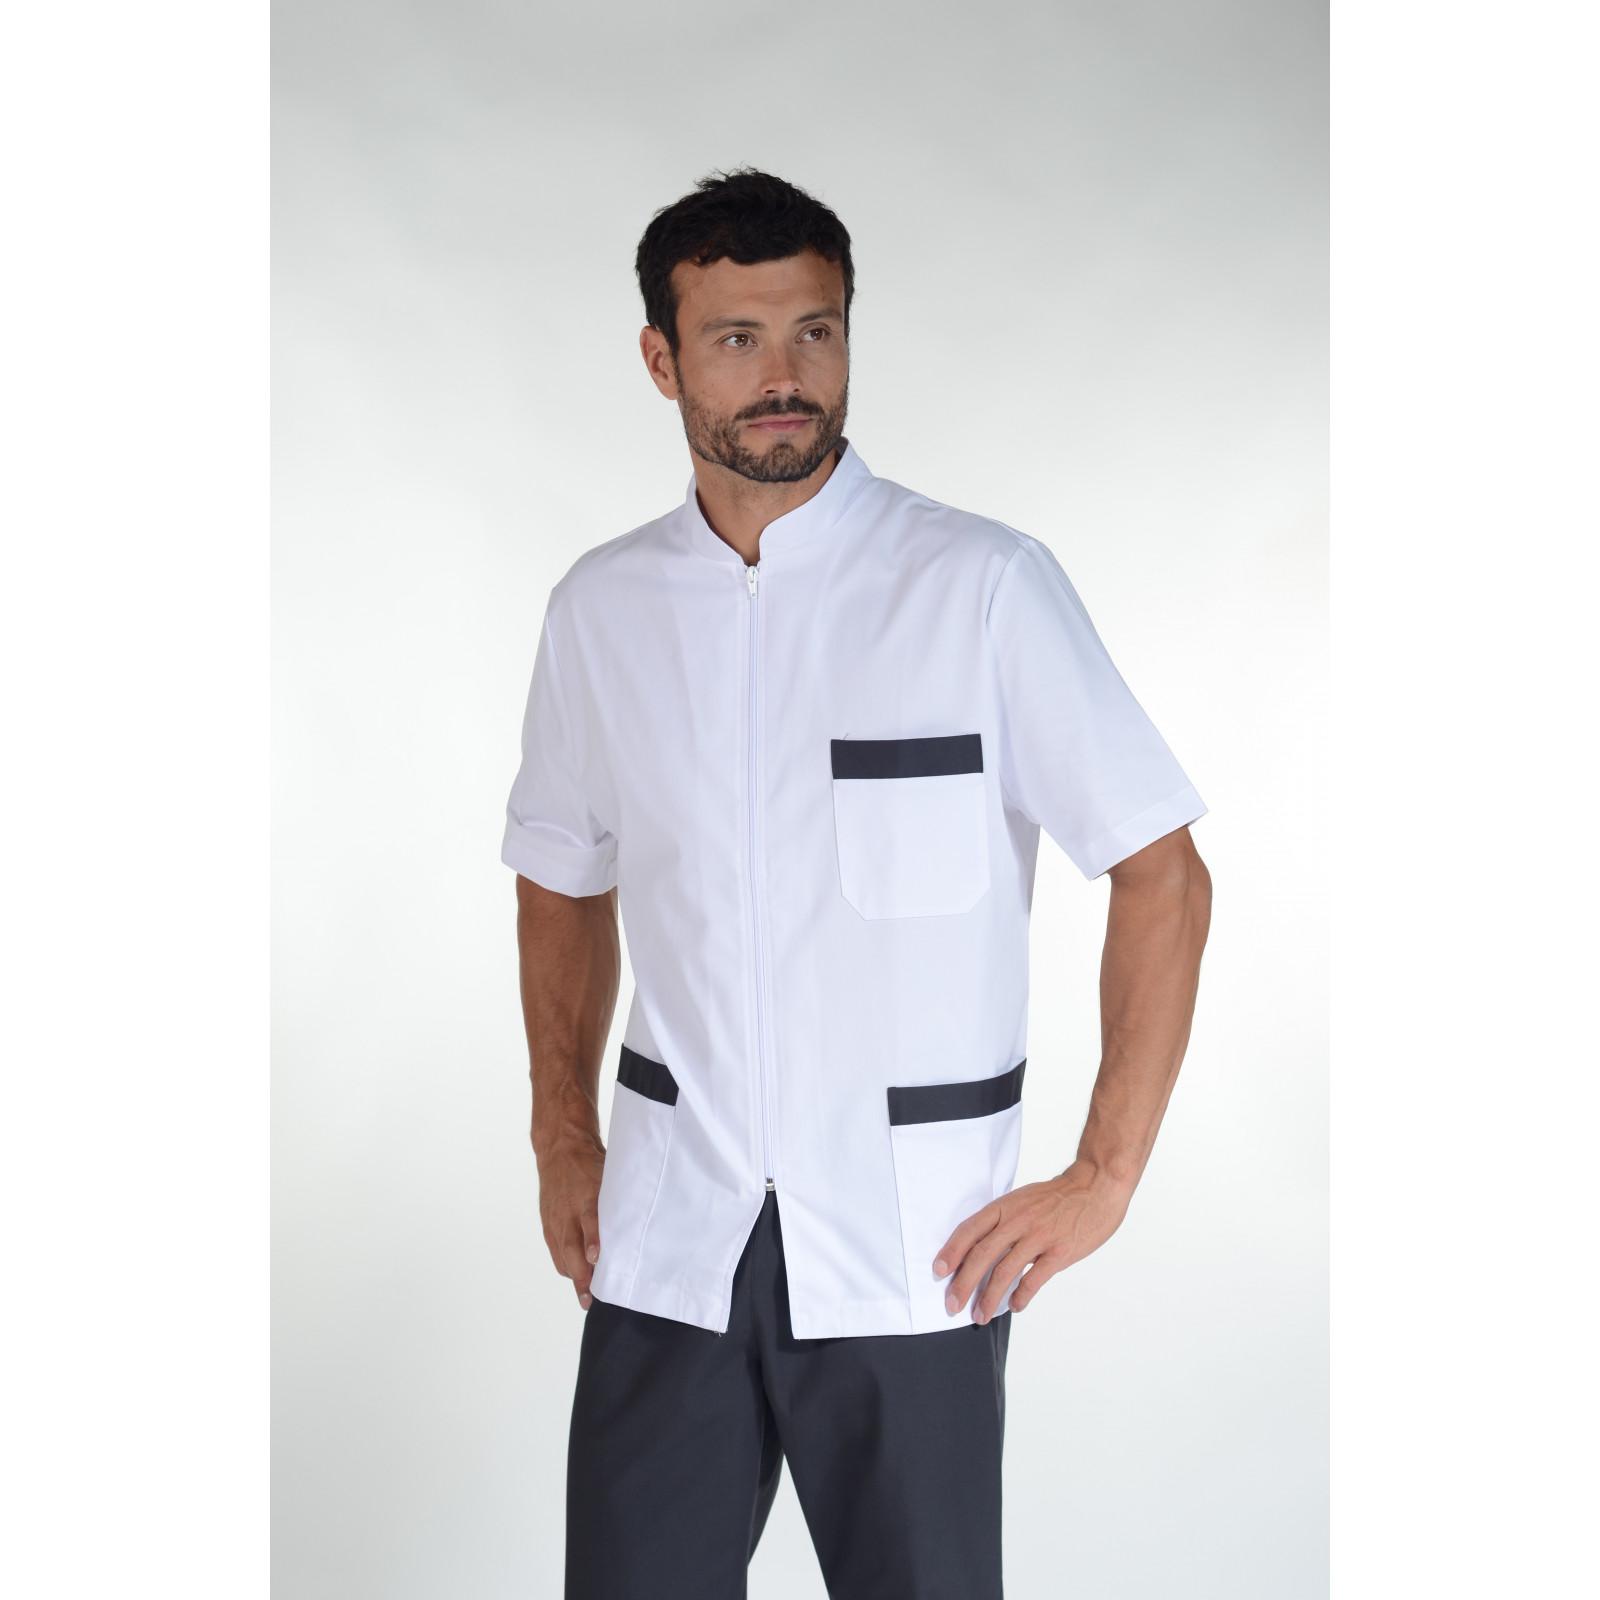 Blouse médicale bicolore homme zippée, Mankaia Factory Stretch, mankaia